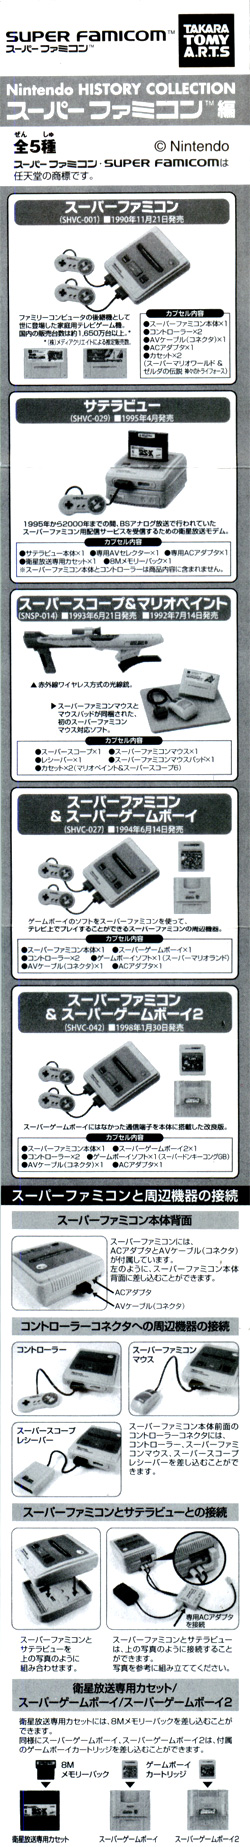 Nintendo HISTORY COLLECTION スーパーファミコン編 [タカラトミーアーツ]